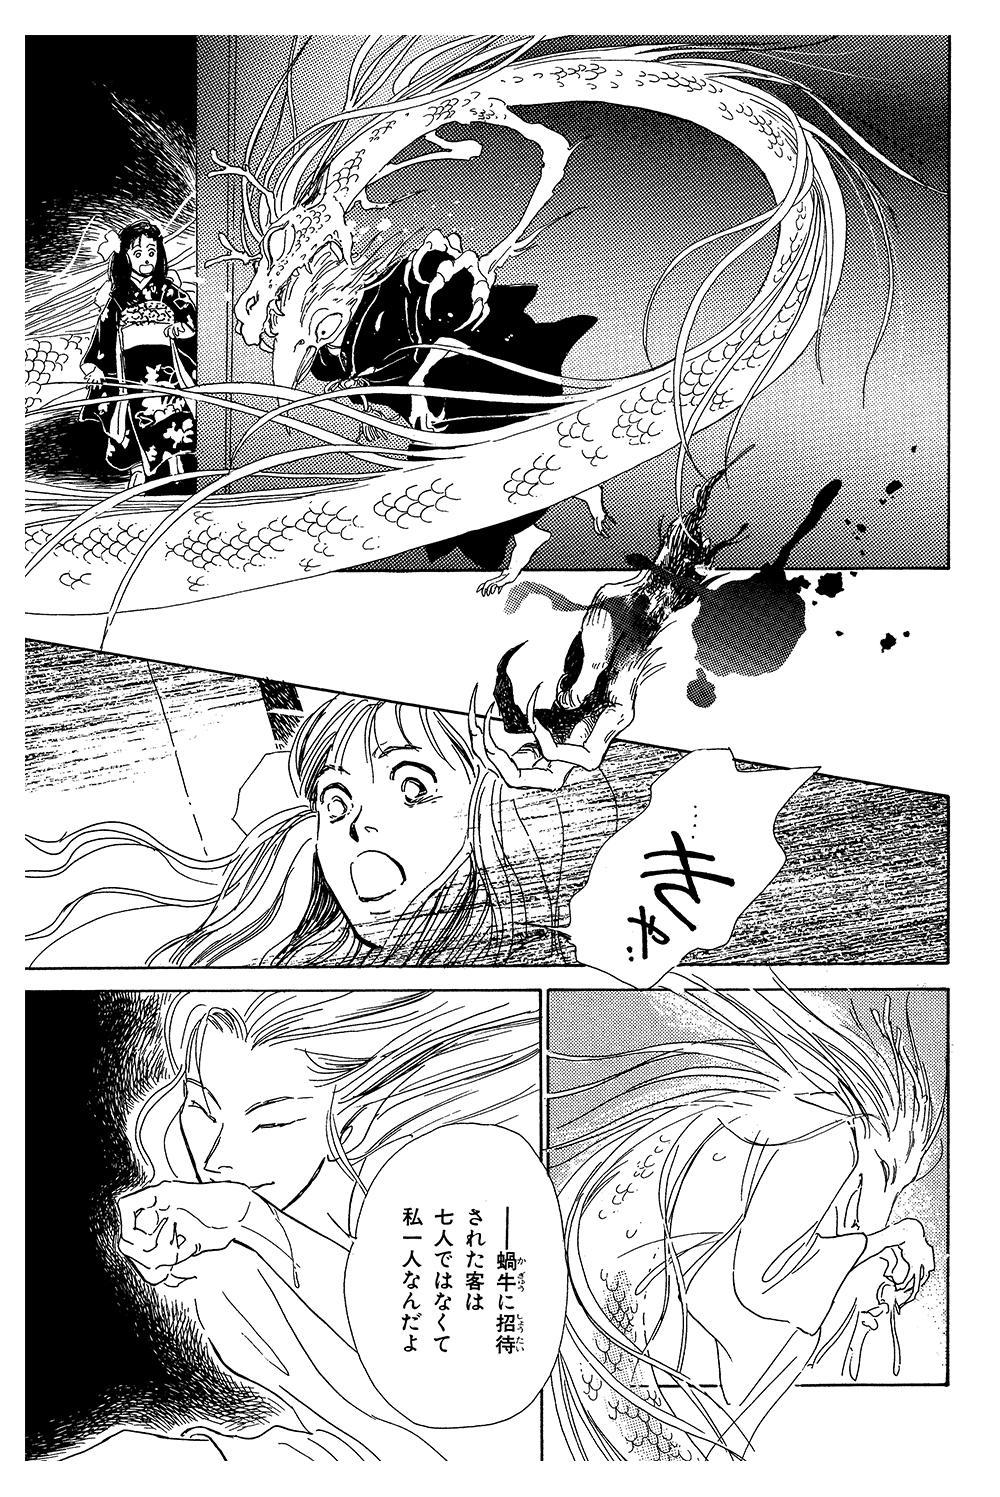 百鬼夜行抄 序章「精進おとしの客」hyakki11.jpg